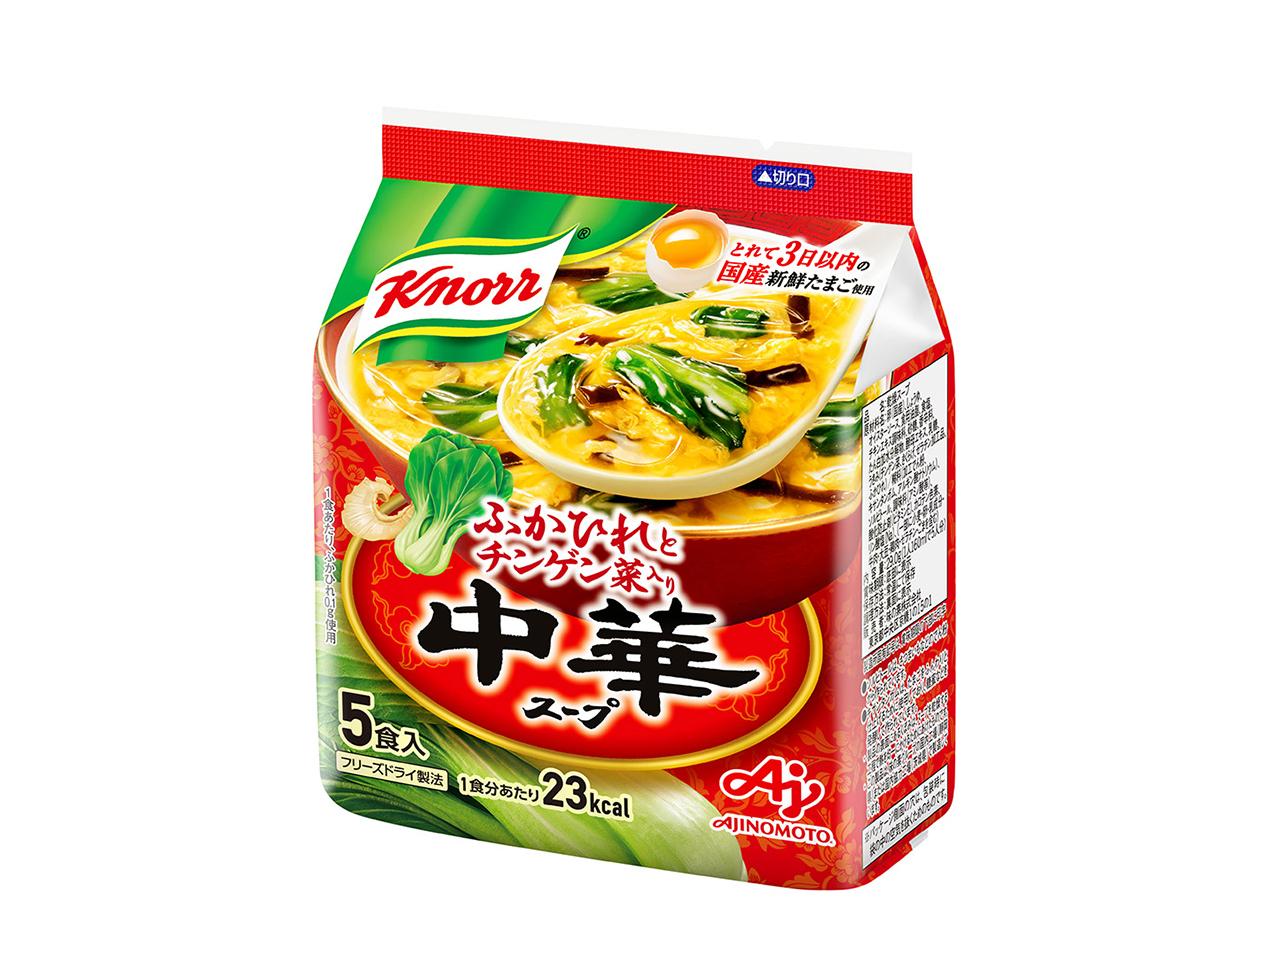 「クノール 中華スープ」